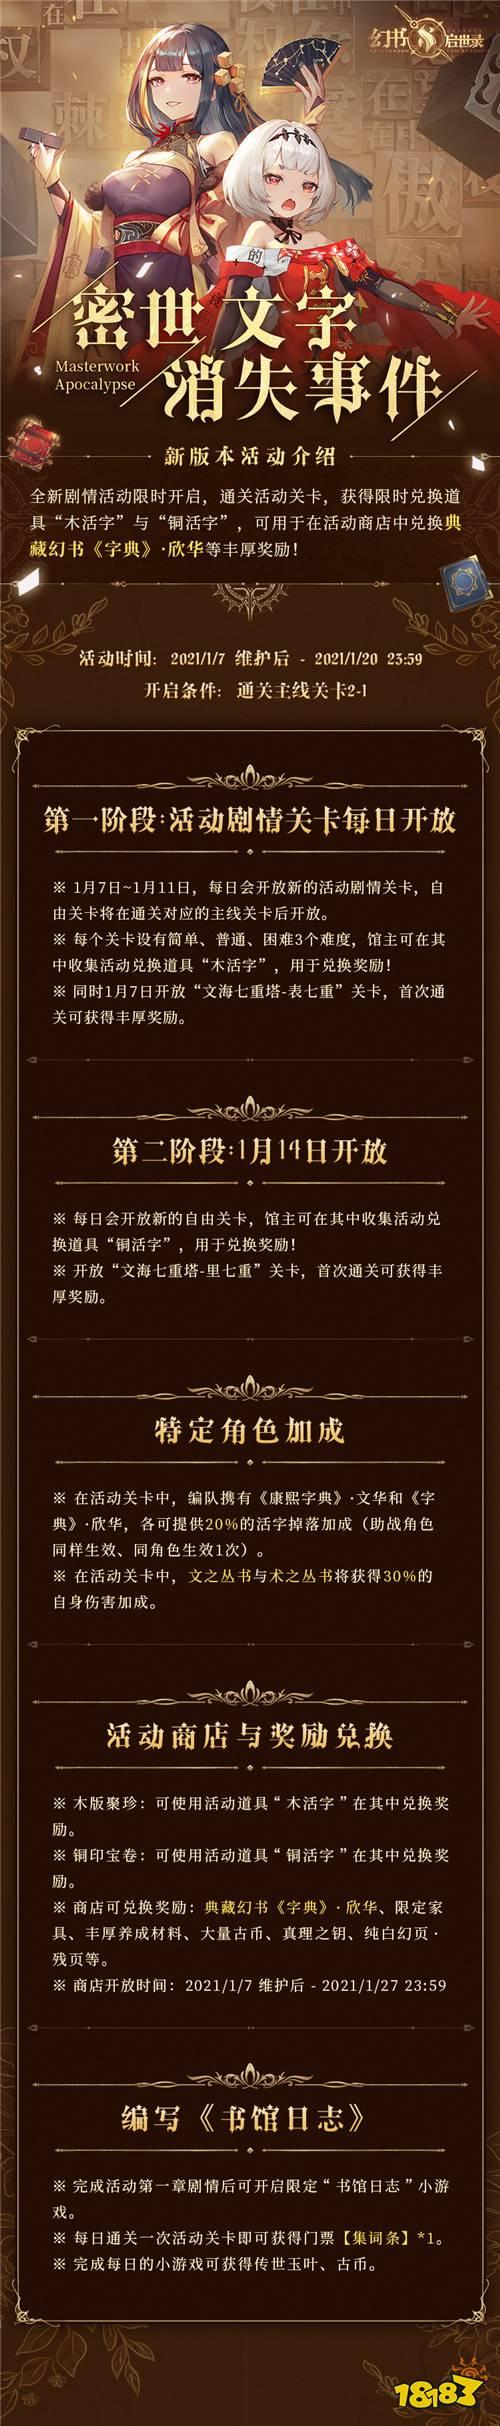 《幻书启世录》字典版本上线,一起揭开文字的秘密!